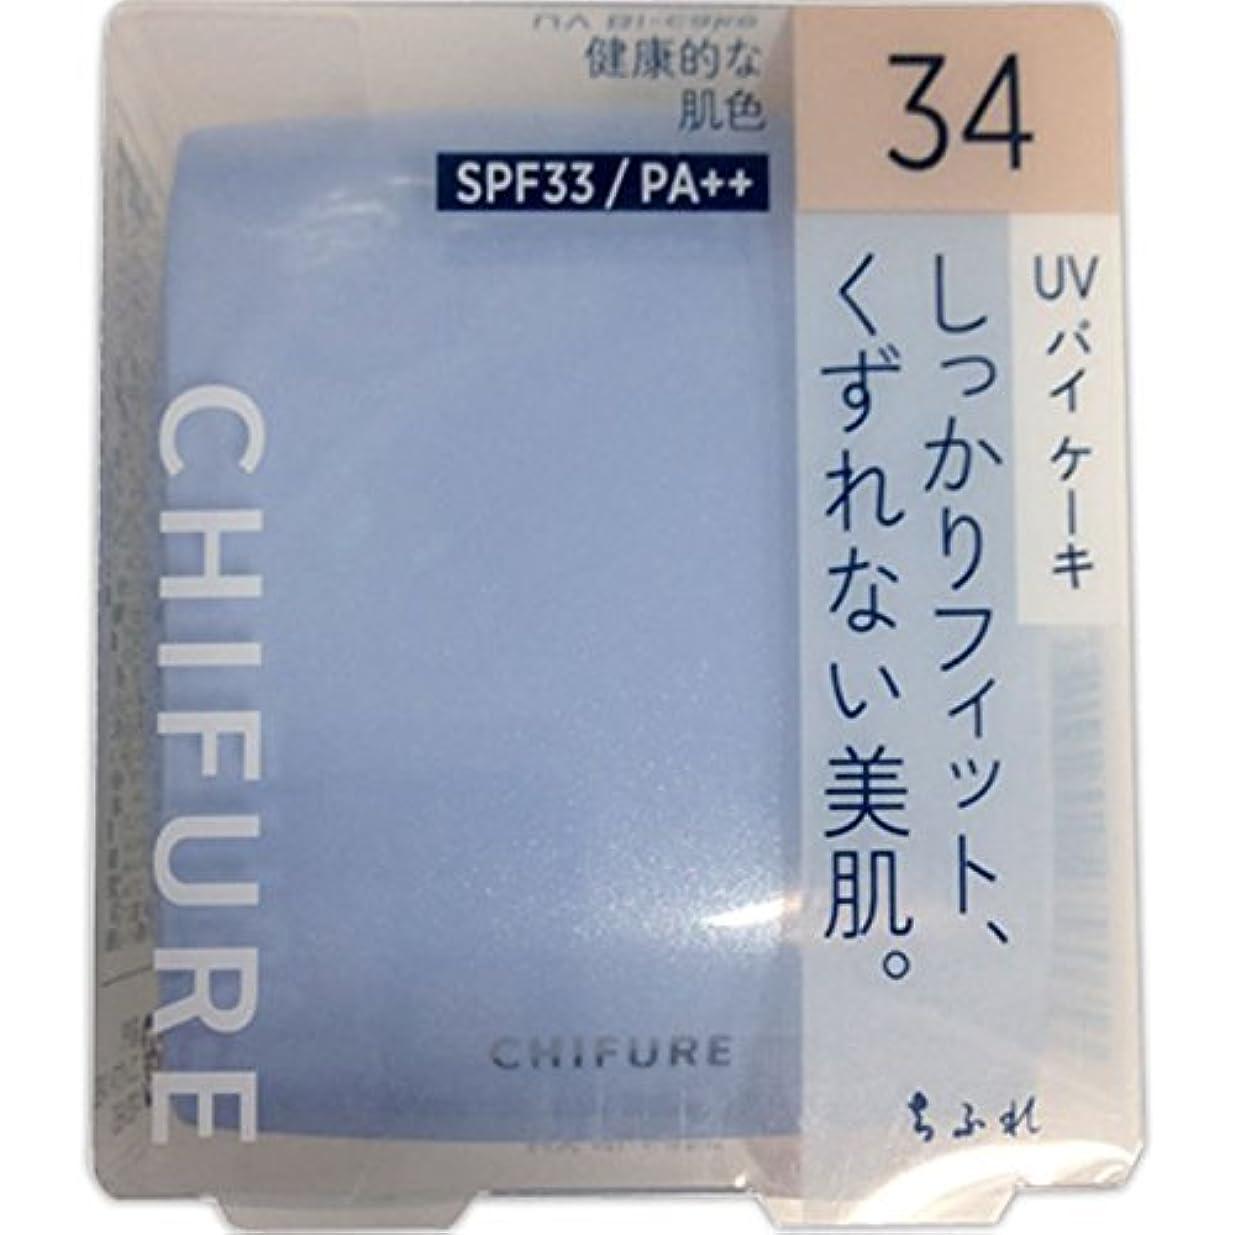 パイント市民権めったにちふれ化粧品 UV バイ ケーキ(スポンジ入り) 34 健康的な肌色 14g